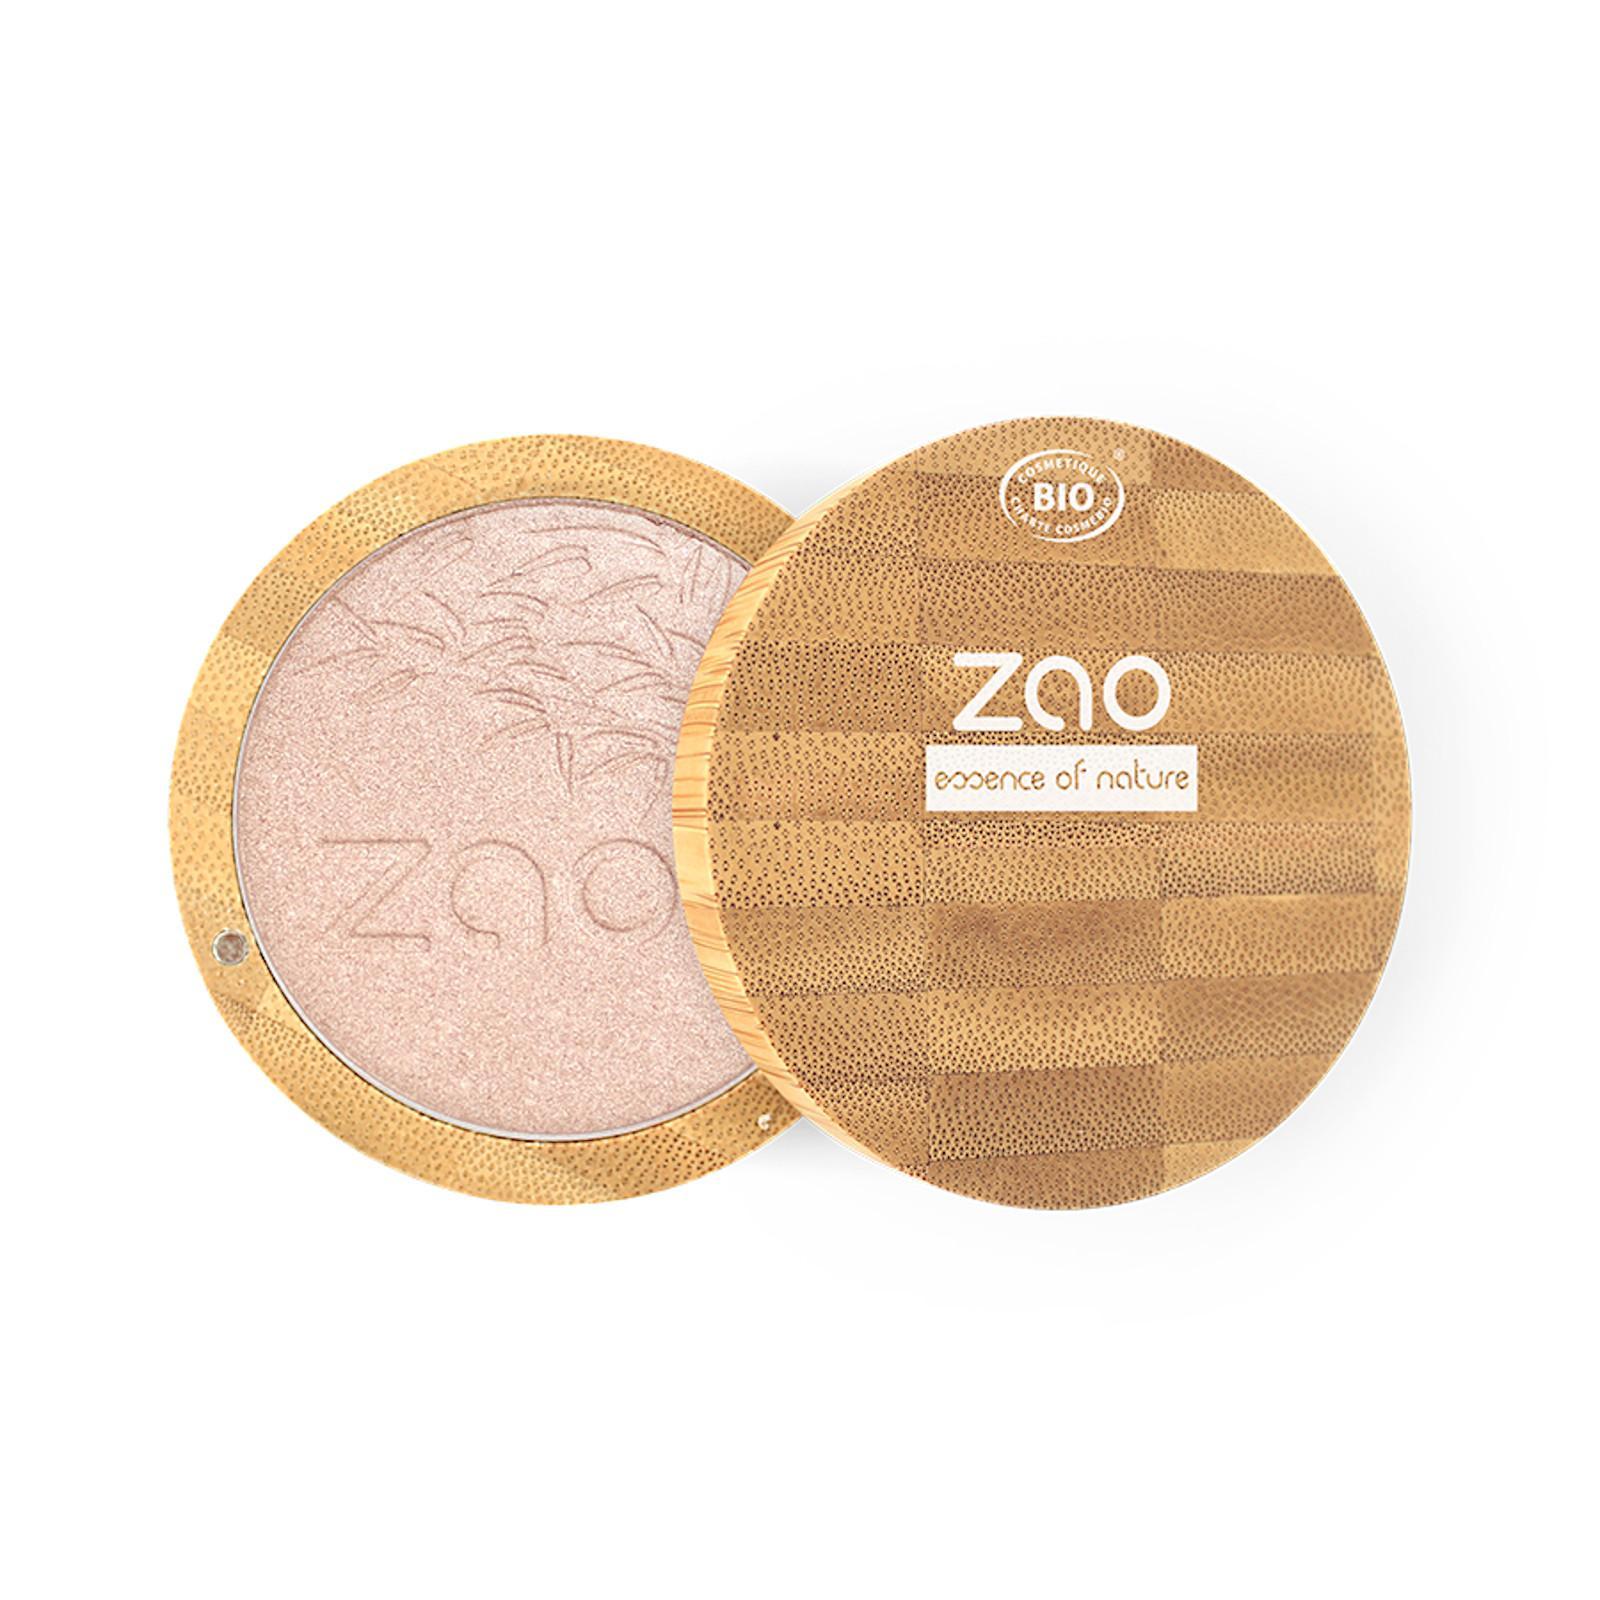 ZAO Kompaktní rozjasňovač 310 Pink Champagne 9 g bambusový obal